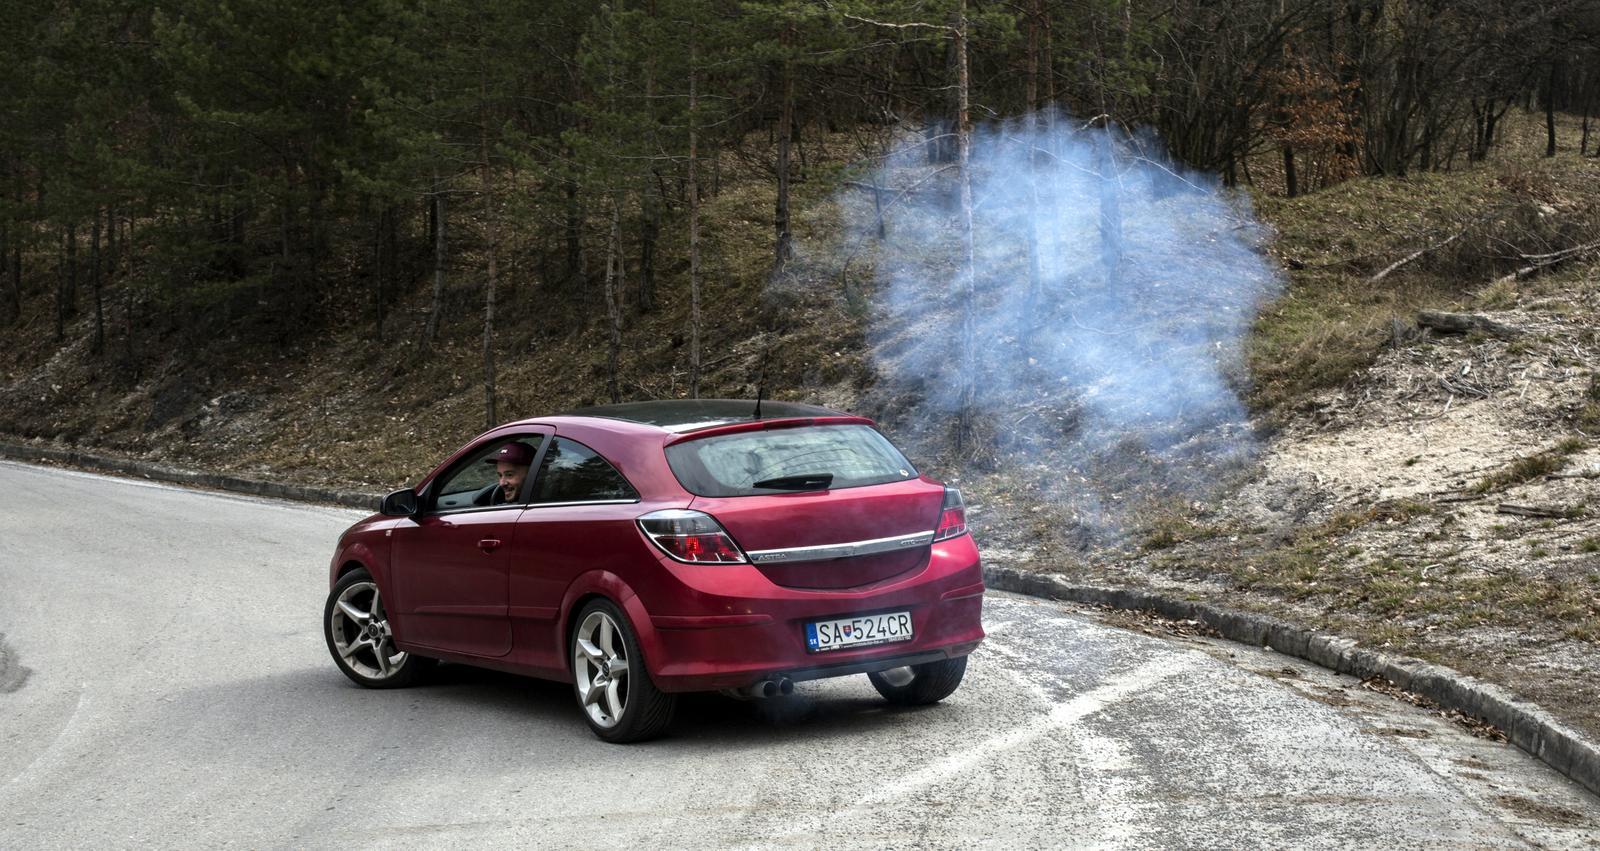 Opel Asra GTC Turbo a kouř z výfuku